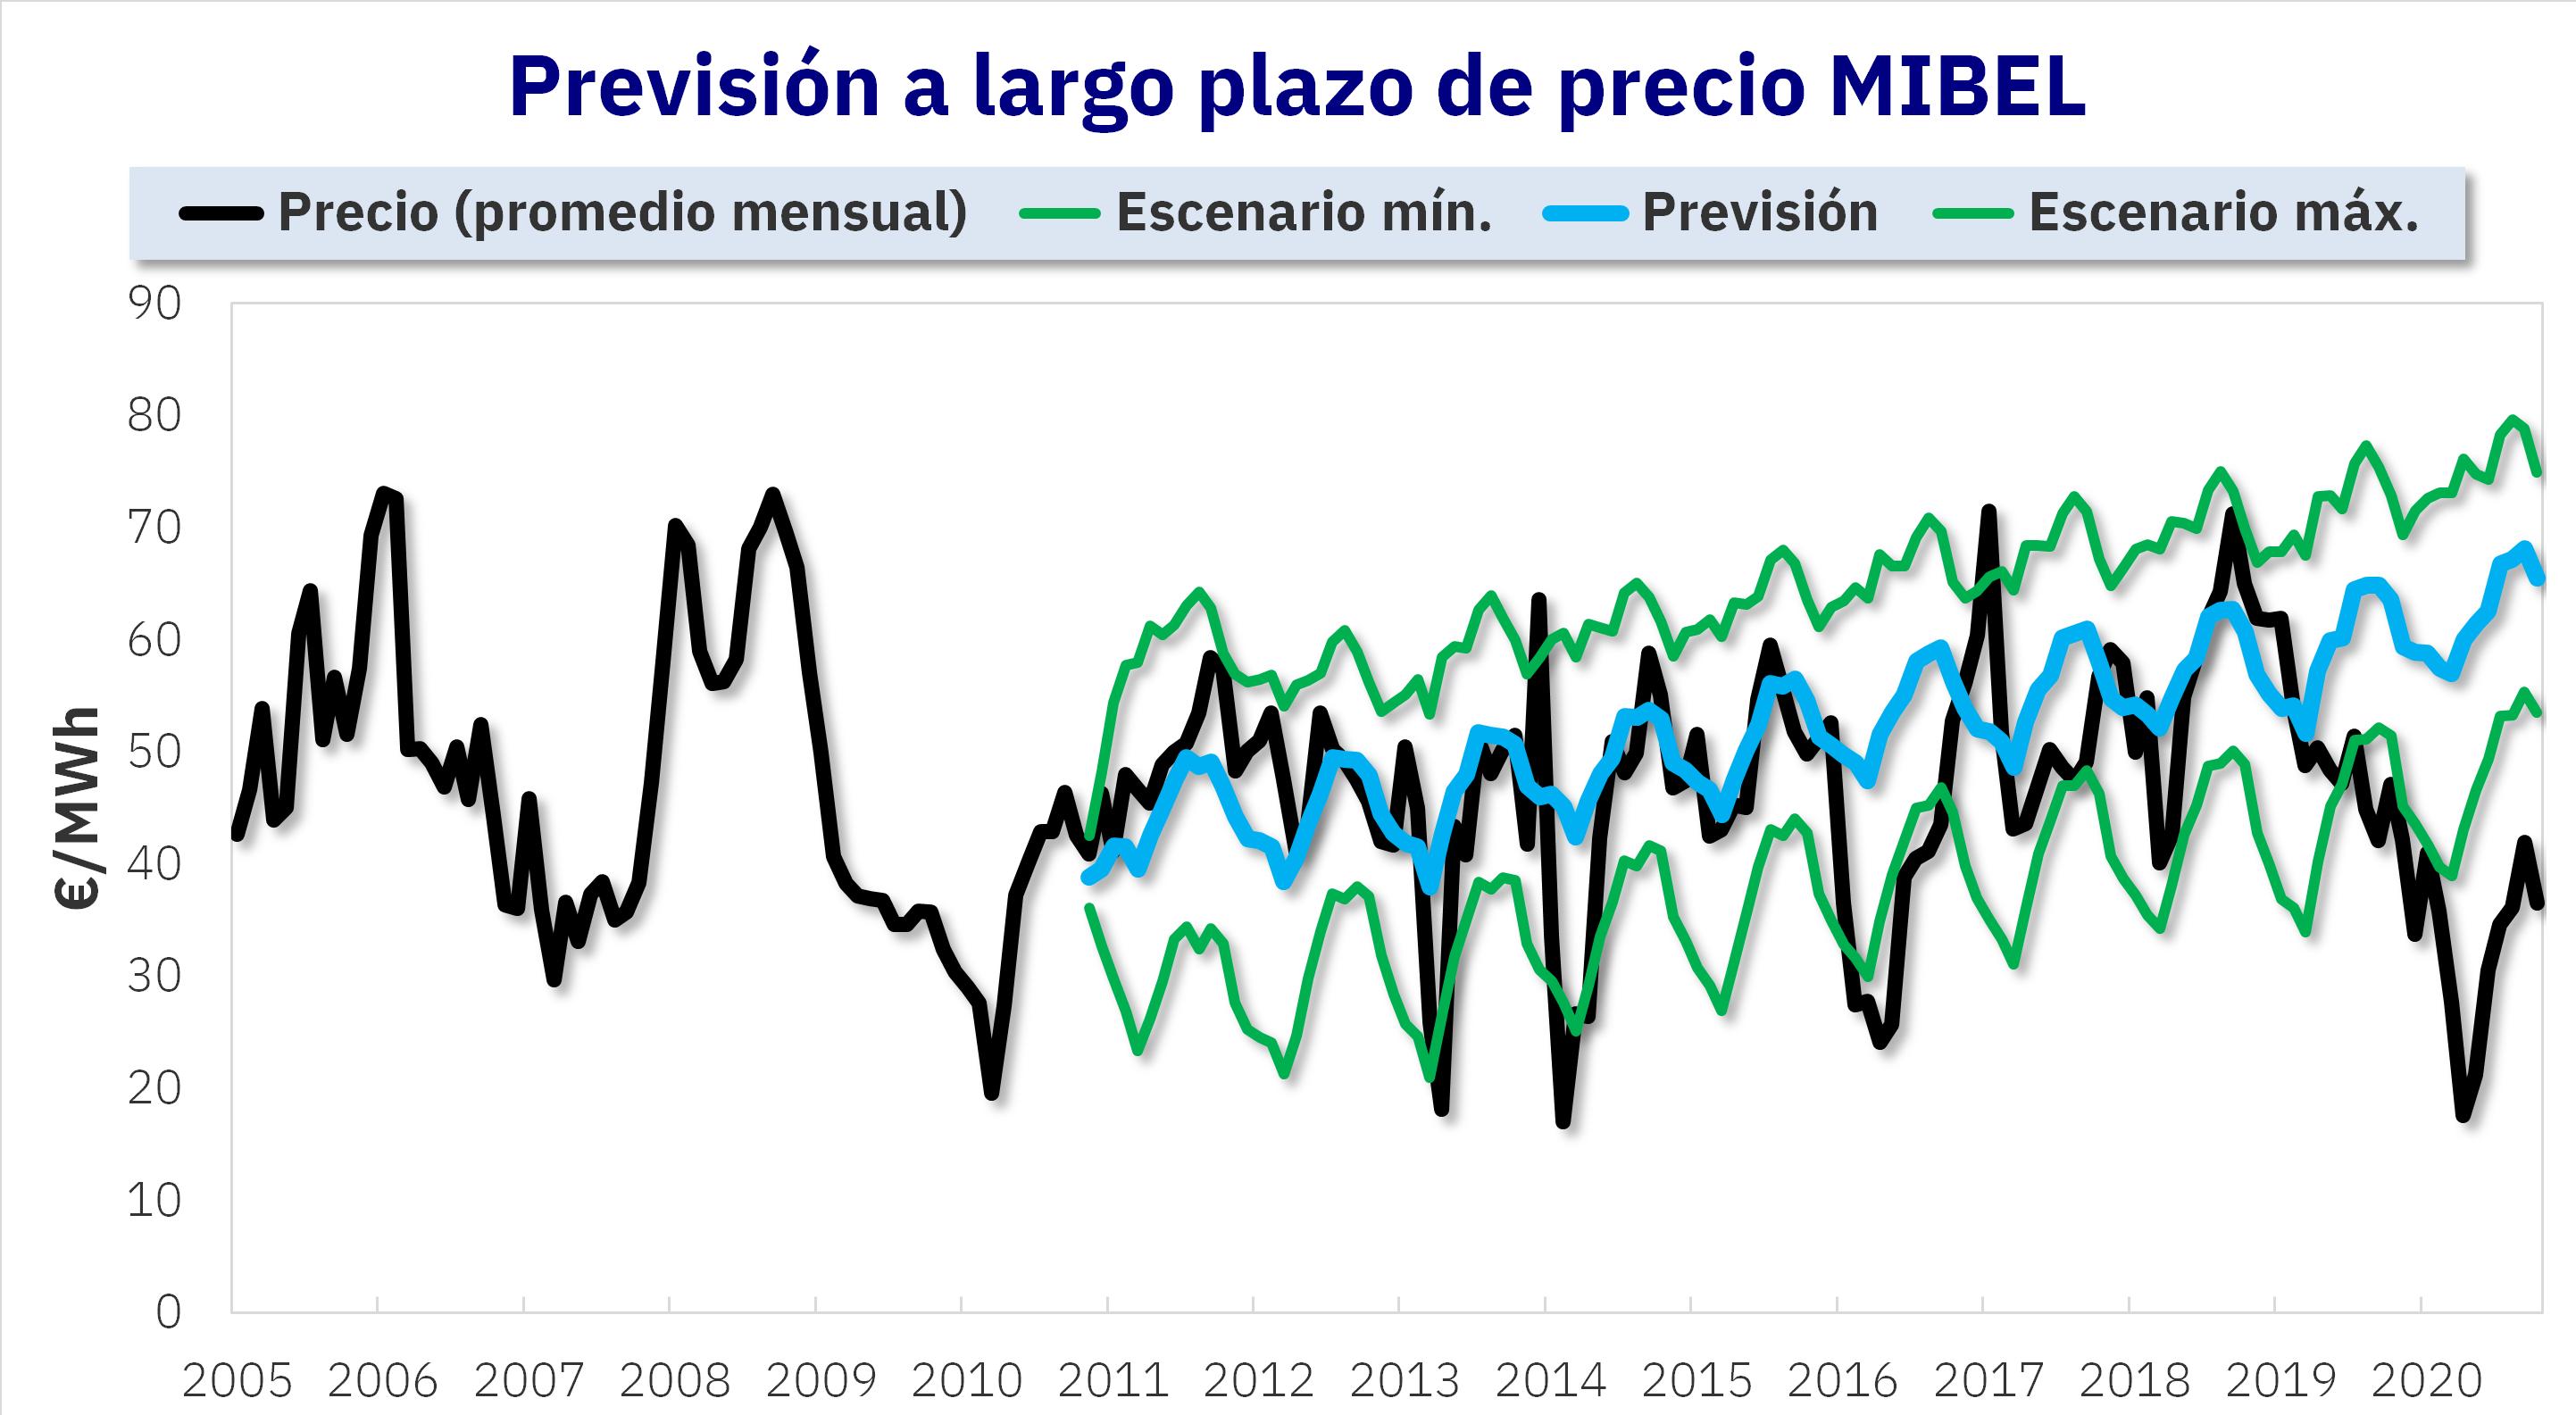 AleaSoft - prevision precios mercado electrico mibel largo plazo